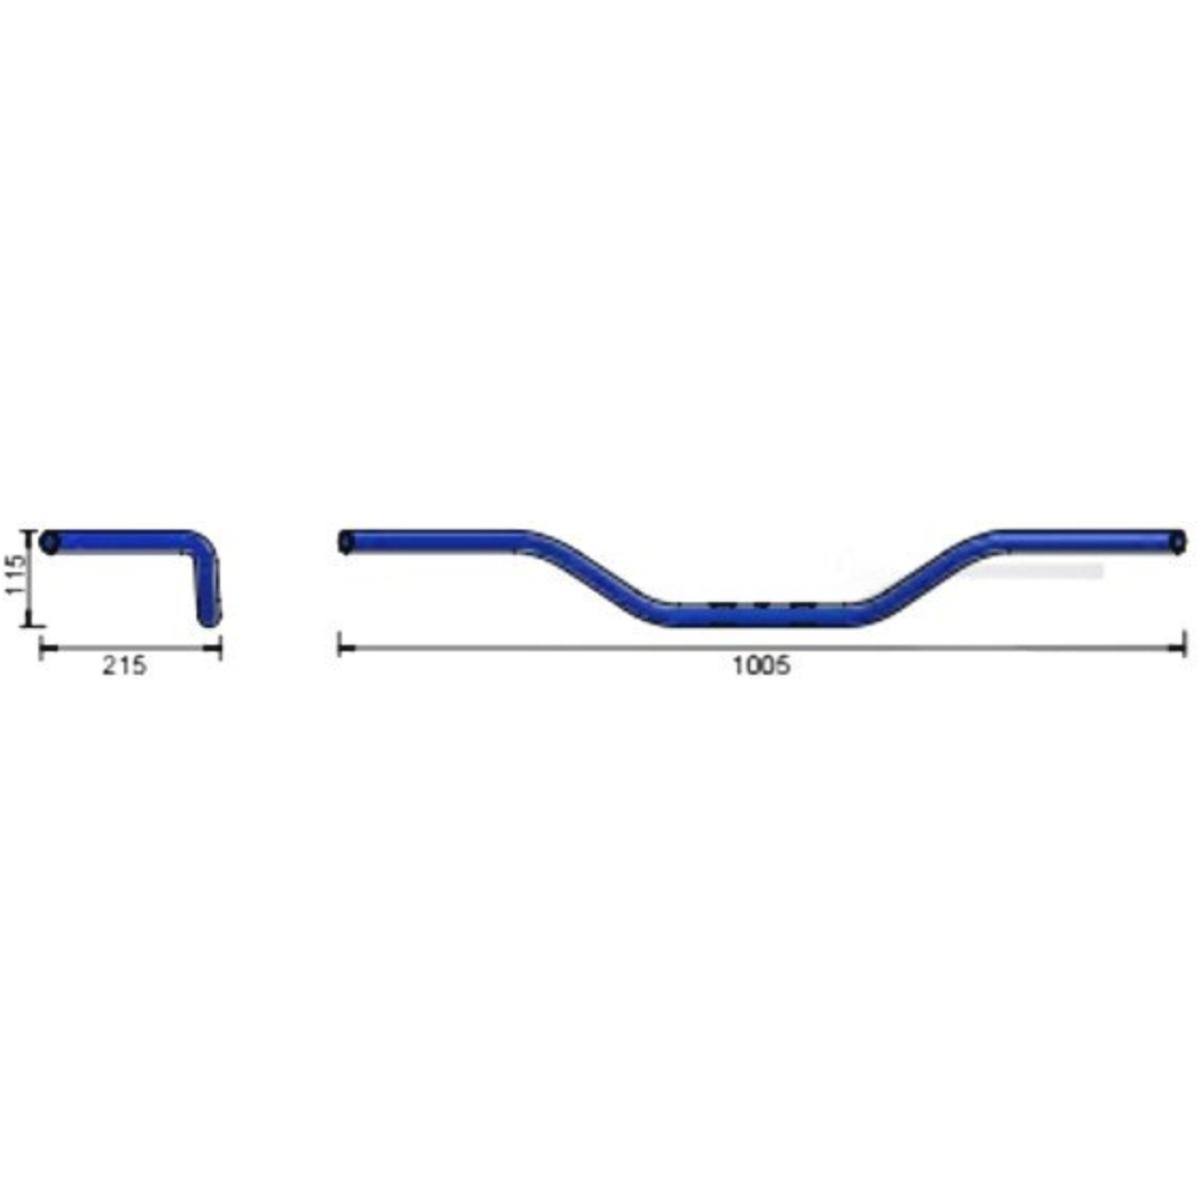 LSL Lenker Stahl 1ZOLL BUTTERFLY chrom 163L010.1CR 4251342900596